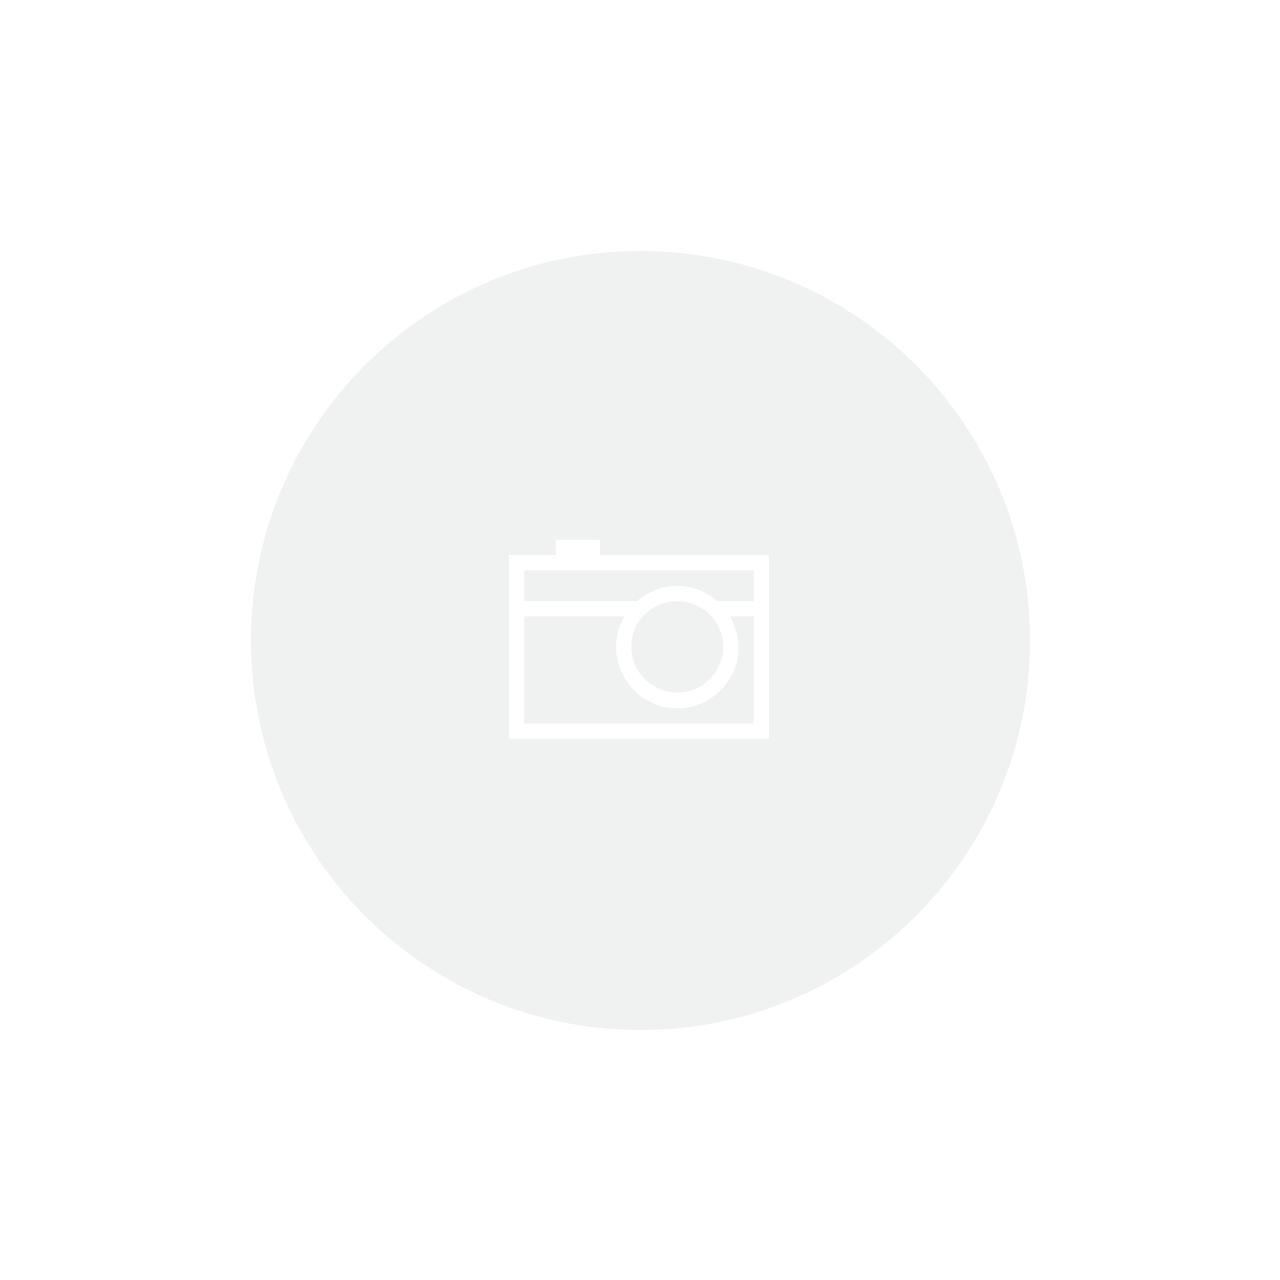 Concha para Molho Aço Inox Firenze Tramontina